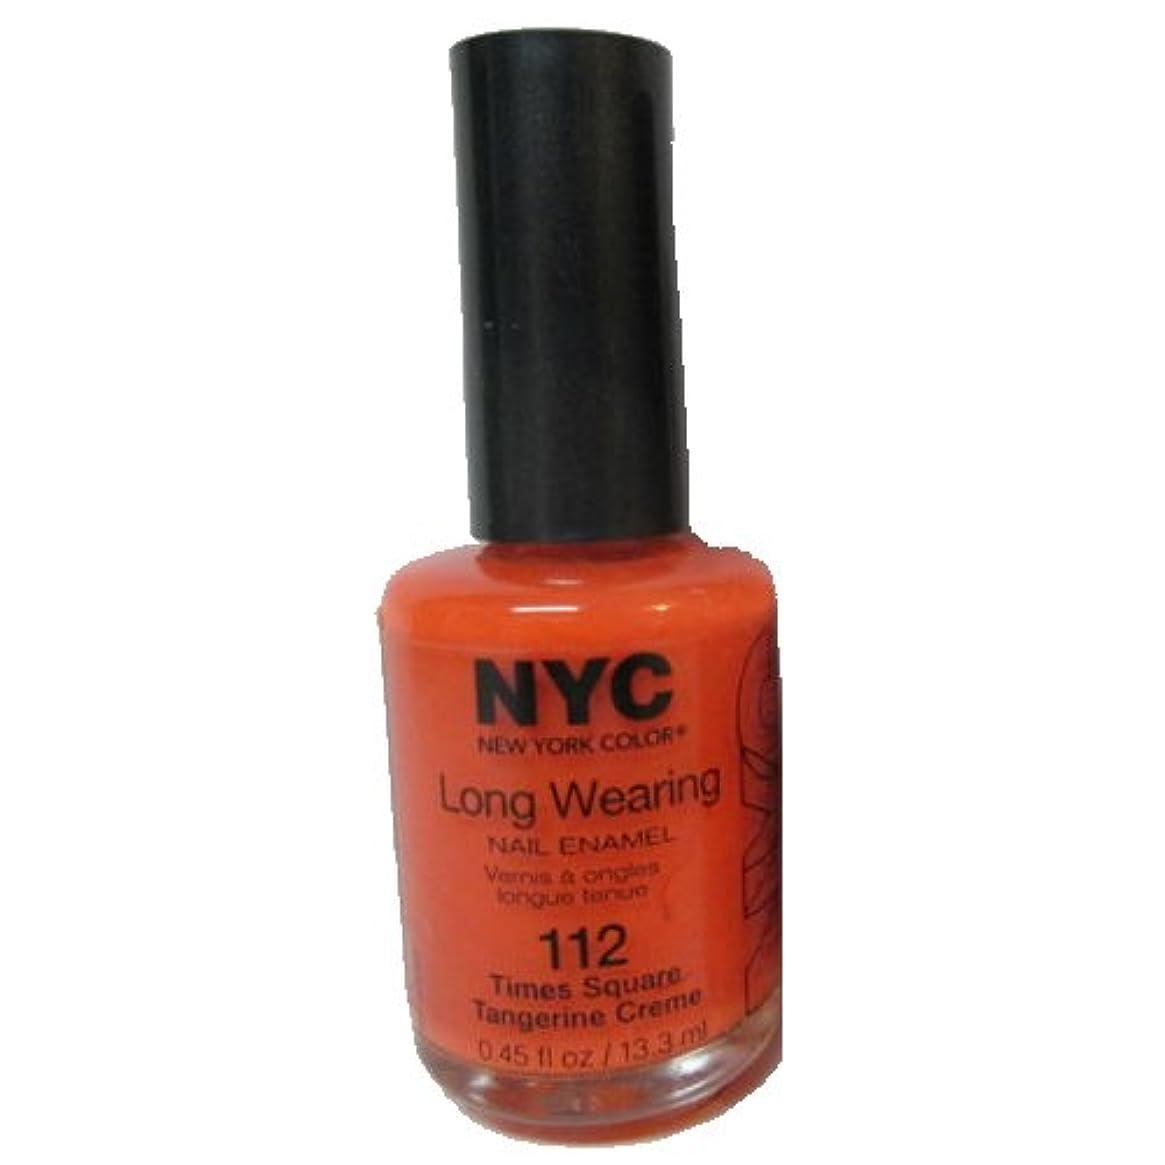 発言する偽正確さ(3 Pack) NYC Long Wearing Nail Enamel - Times Square Tangerine (並行輸入品)